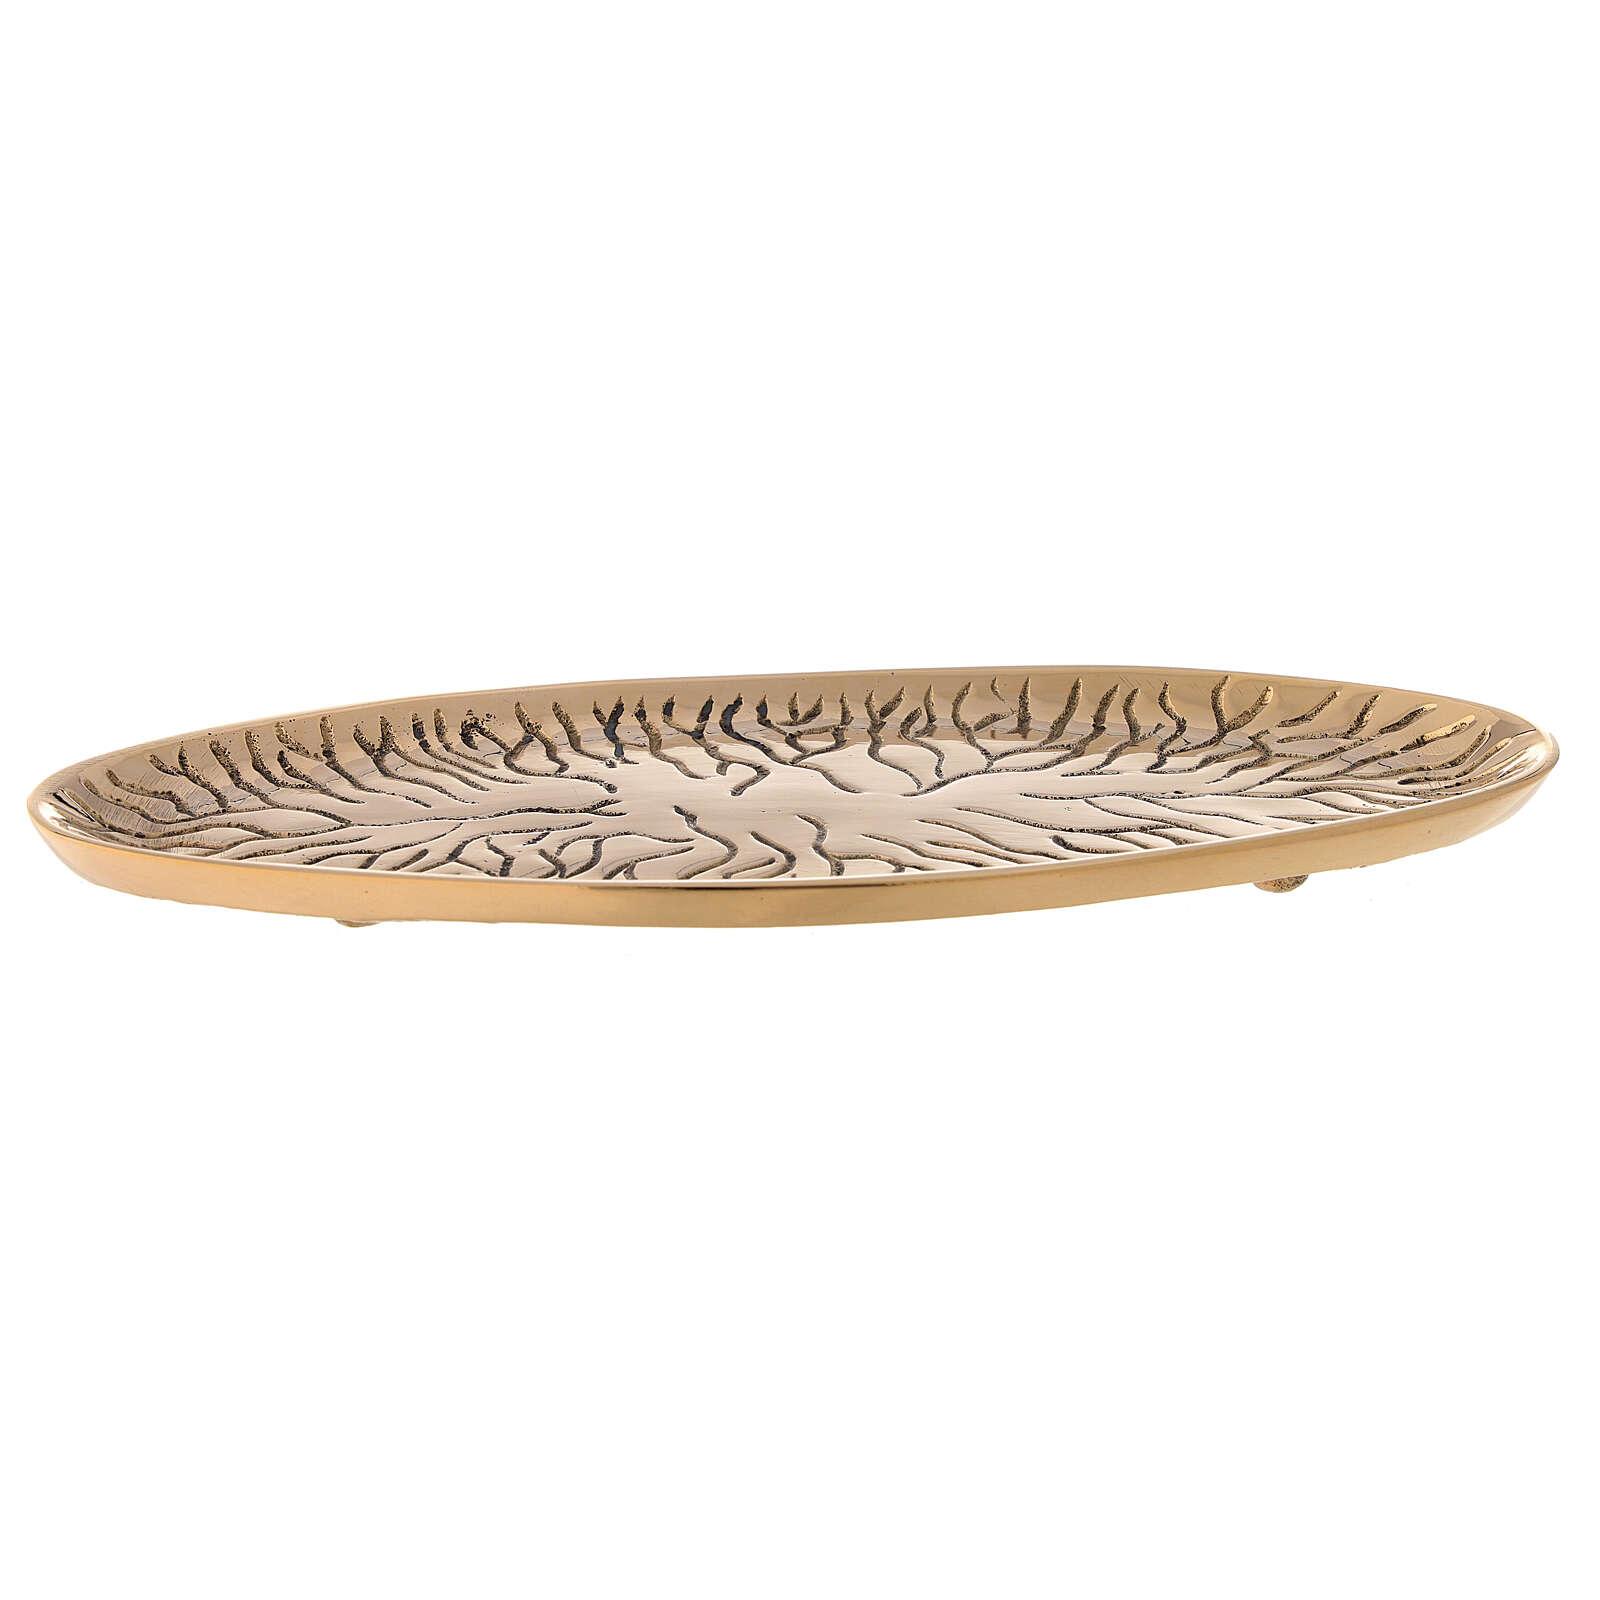 Assiette ovale laiton doré brillant gravé effet fissures 3